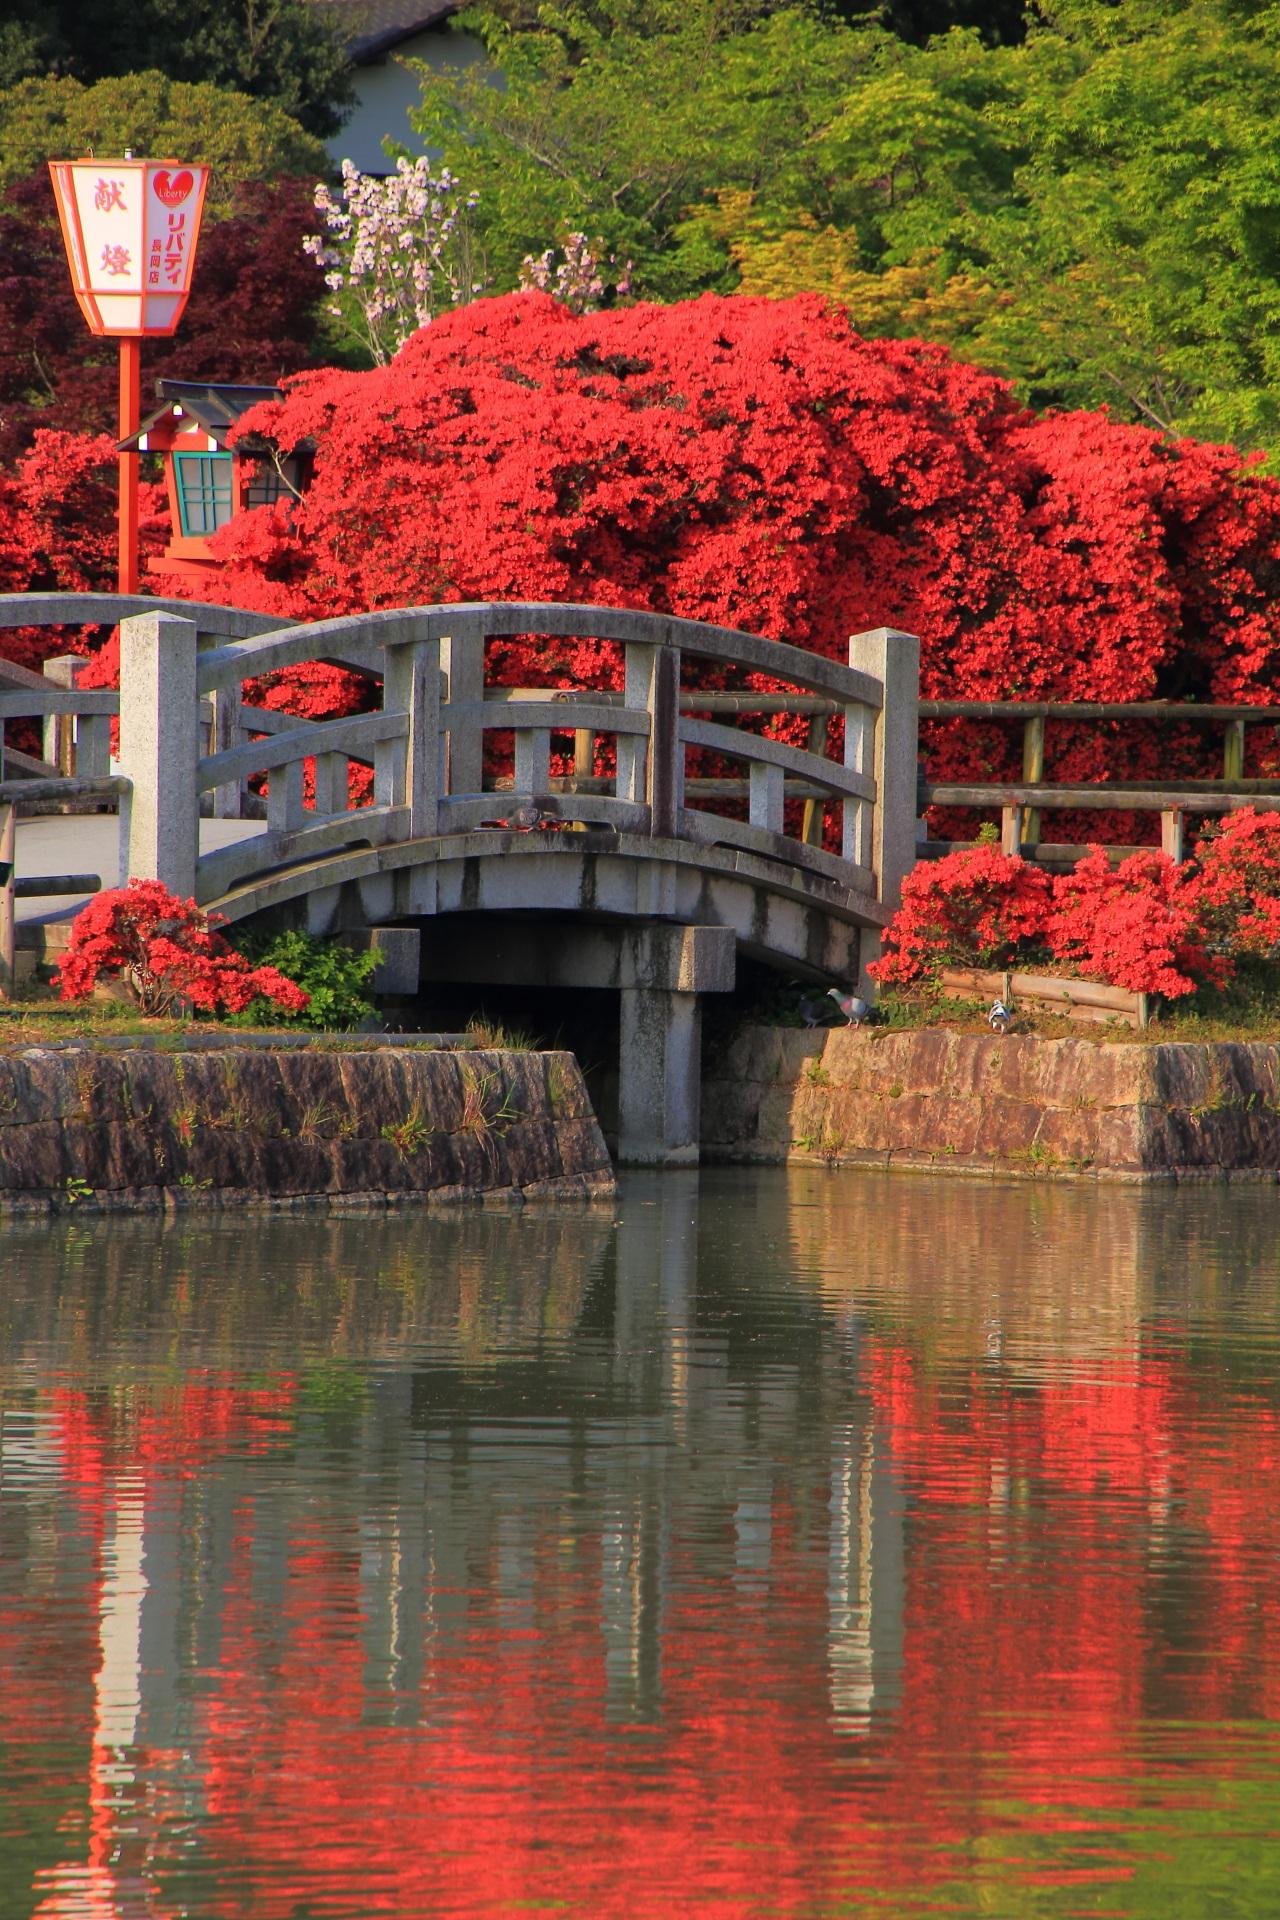 優雅に揺らめく水面を彩るツツジの赤い水鏡